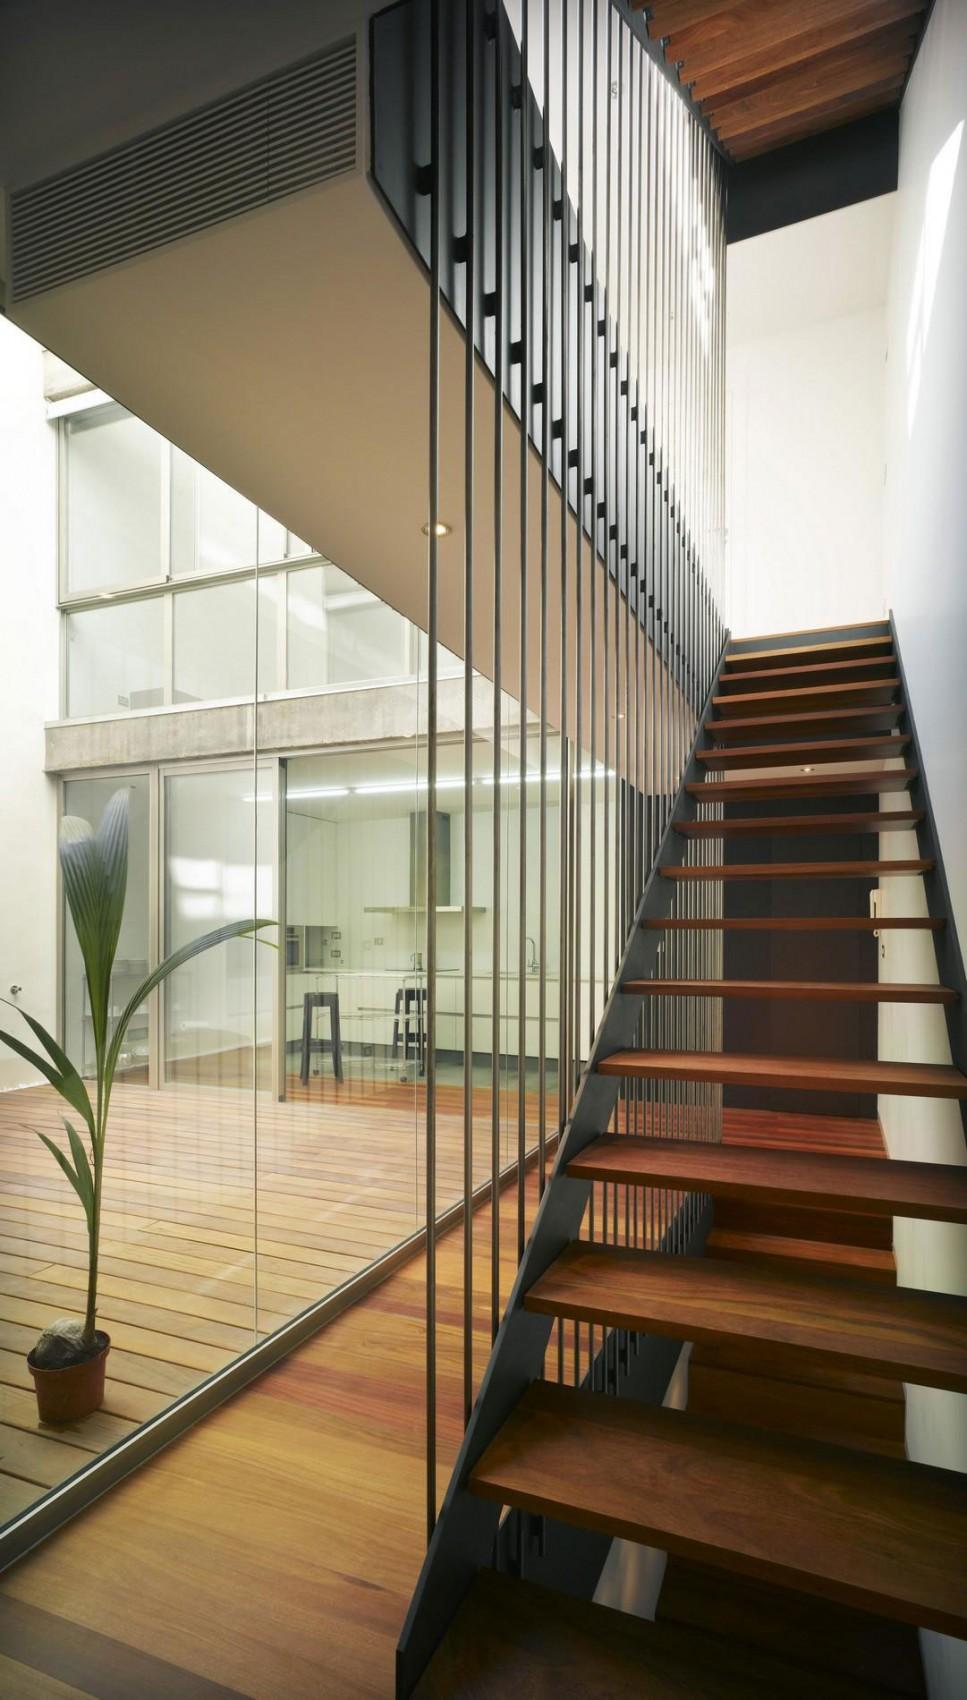 Деревянная лестница в интерьере - Фото 25